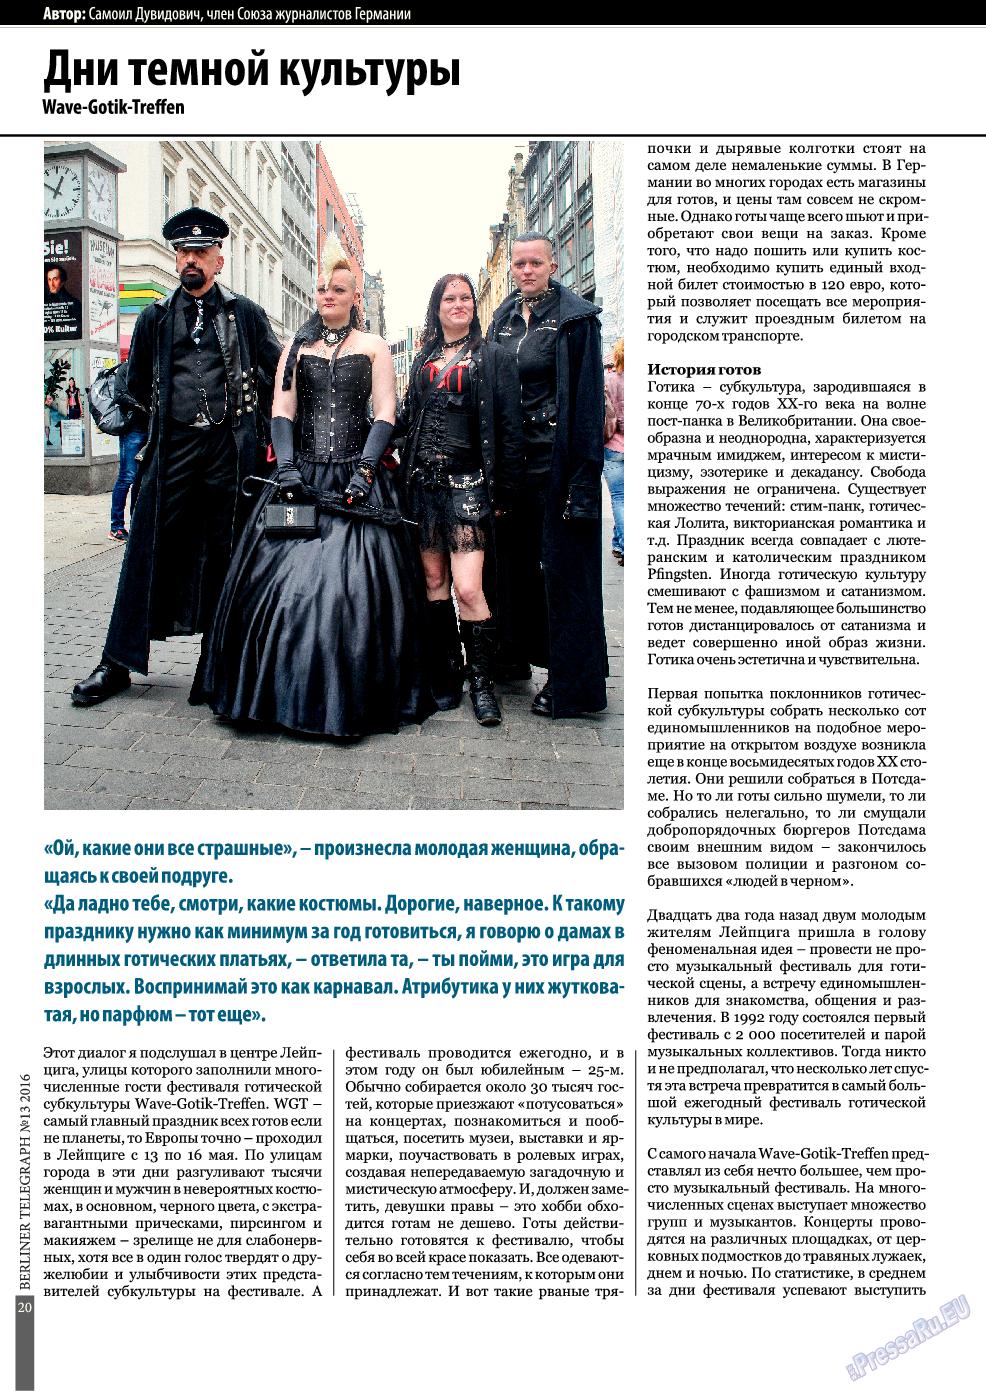 Берлинский телеграф (журнал). 2016 год, номер 13, стр. 20